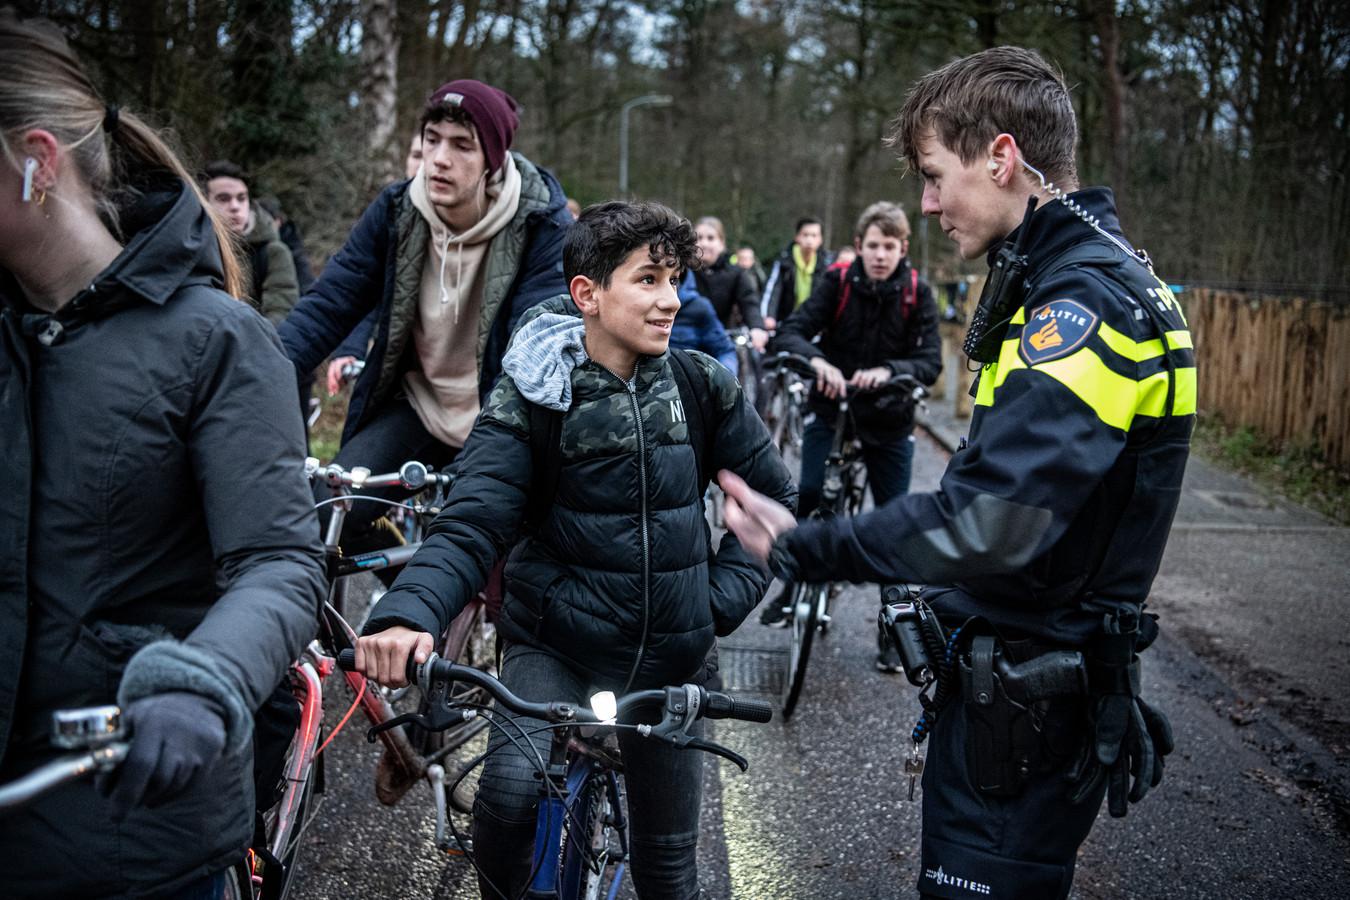 De meeste mensen hadden hun fietsverlichting keurig voor elkaar.    foto Koen Verheijden.